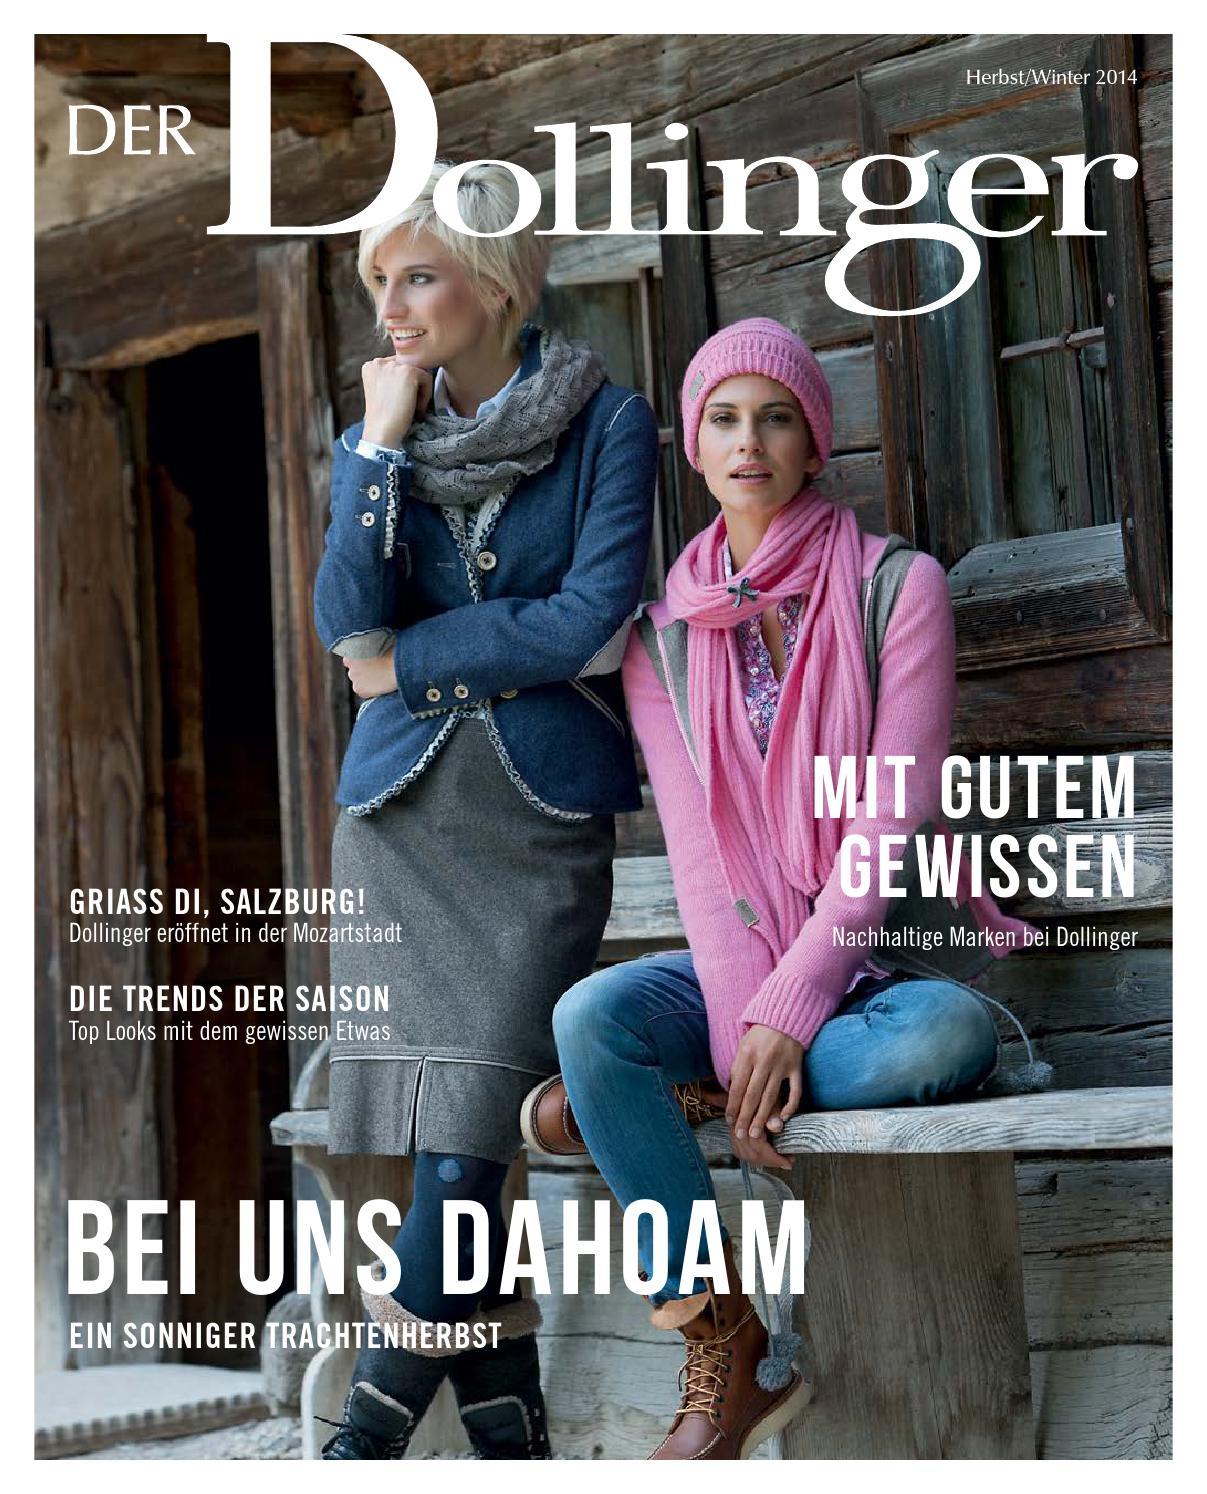 Dollinger